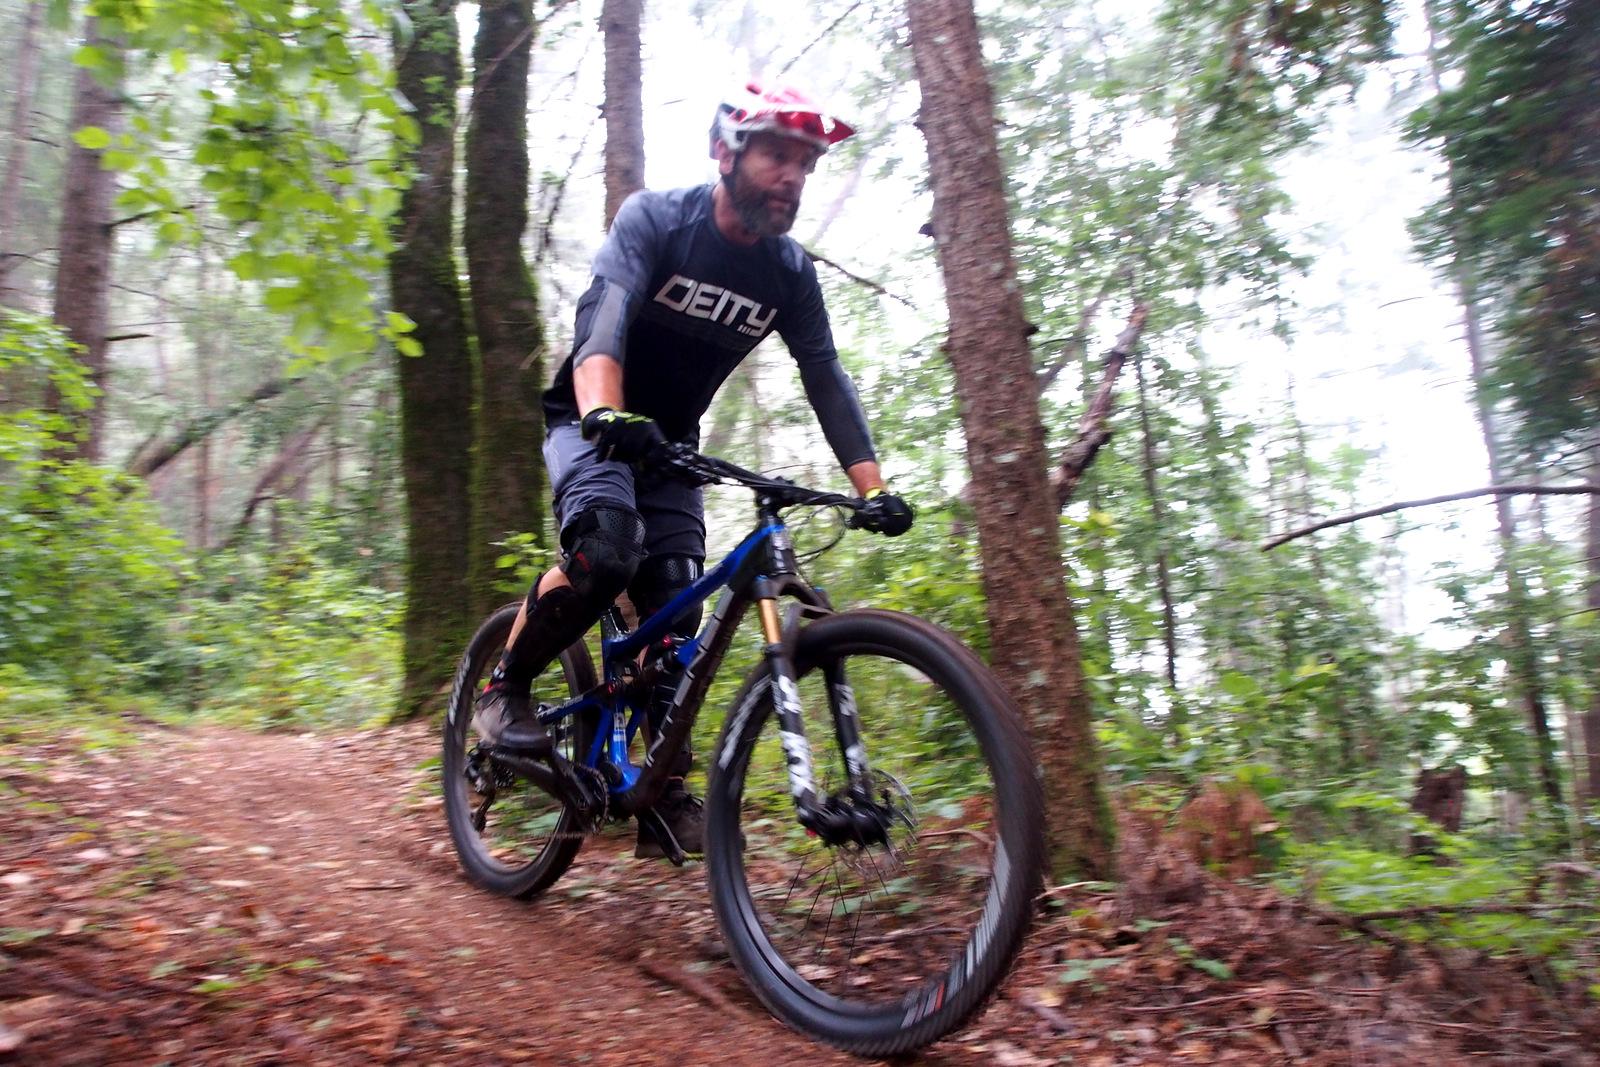 2020 Intense Primer First Ride Review Mtbr Com